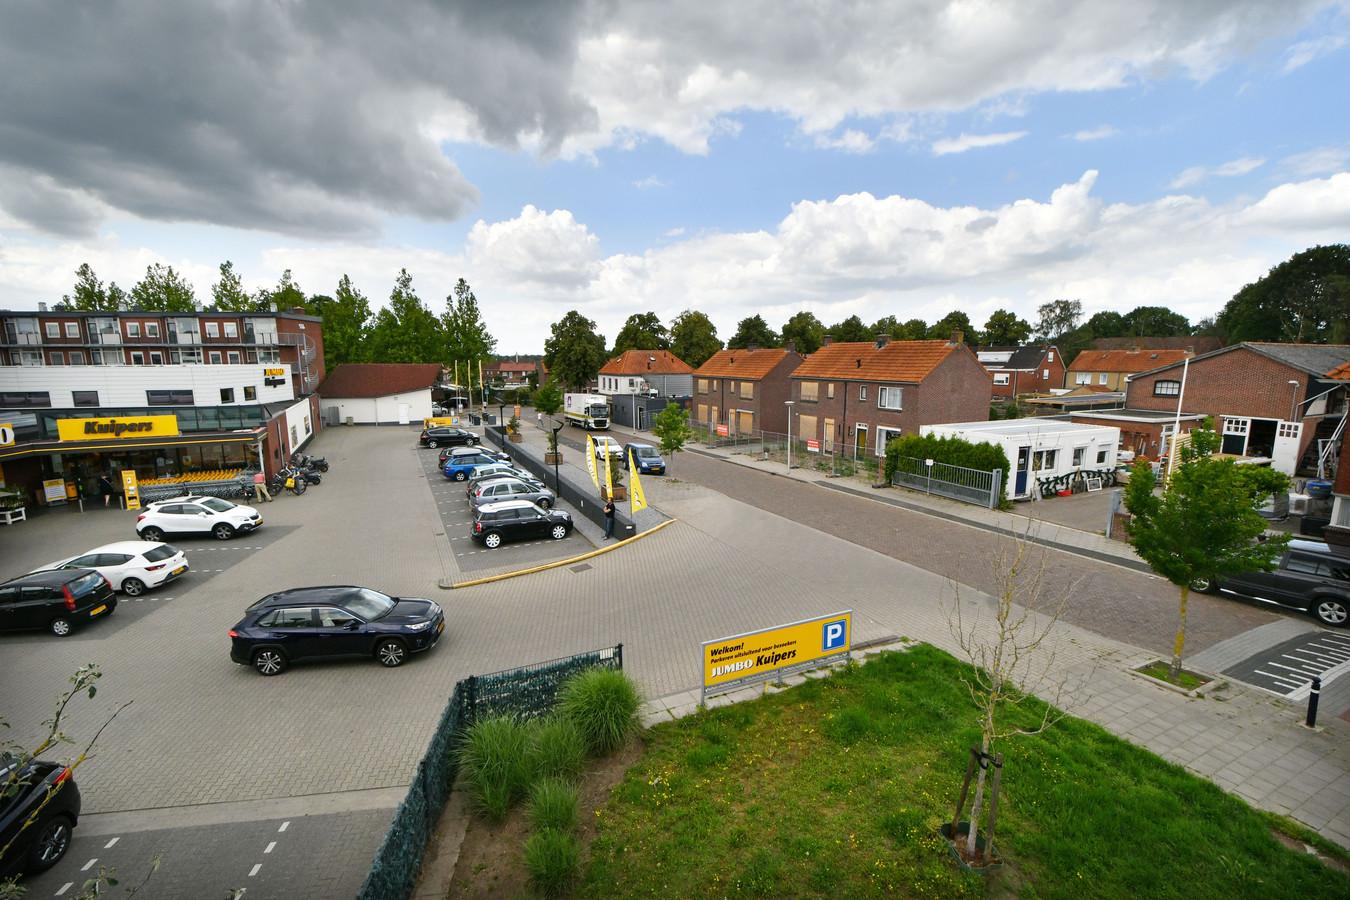 Björn Kuipers wil een extra parkeerterrein pal tegenover zijn supermarkt. Daarvoor moeten vier woningen van WBO Wonen wijken. De woningen zijn inmiddels gesloopt.